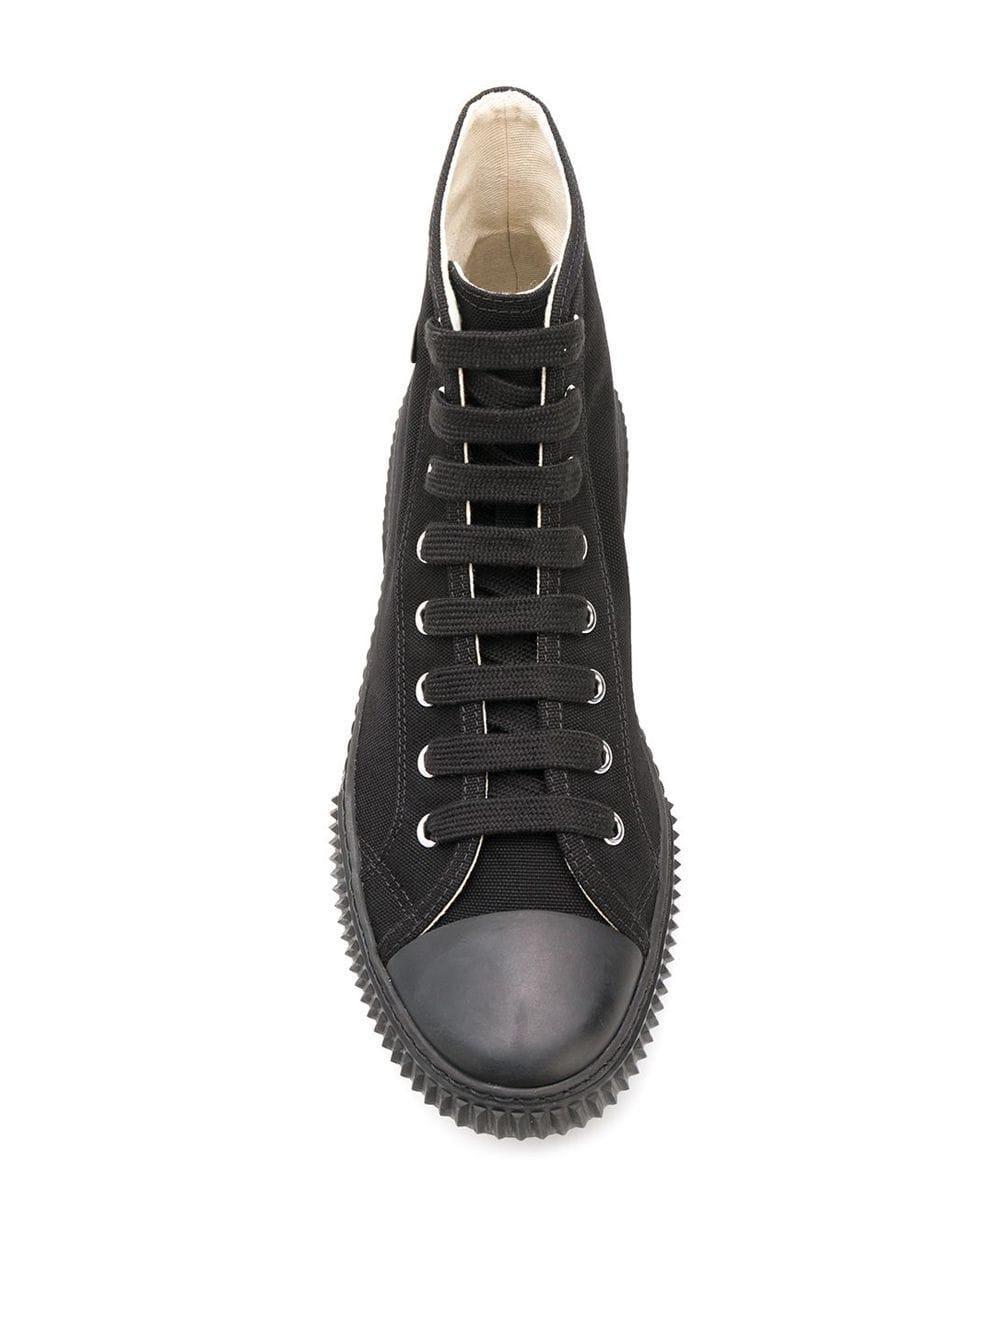 Baskets montantes à logo Coton Prada pour homme en coloris Noir m7Qr